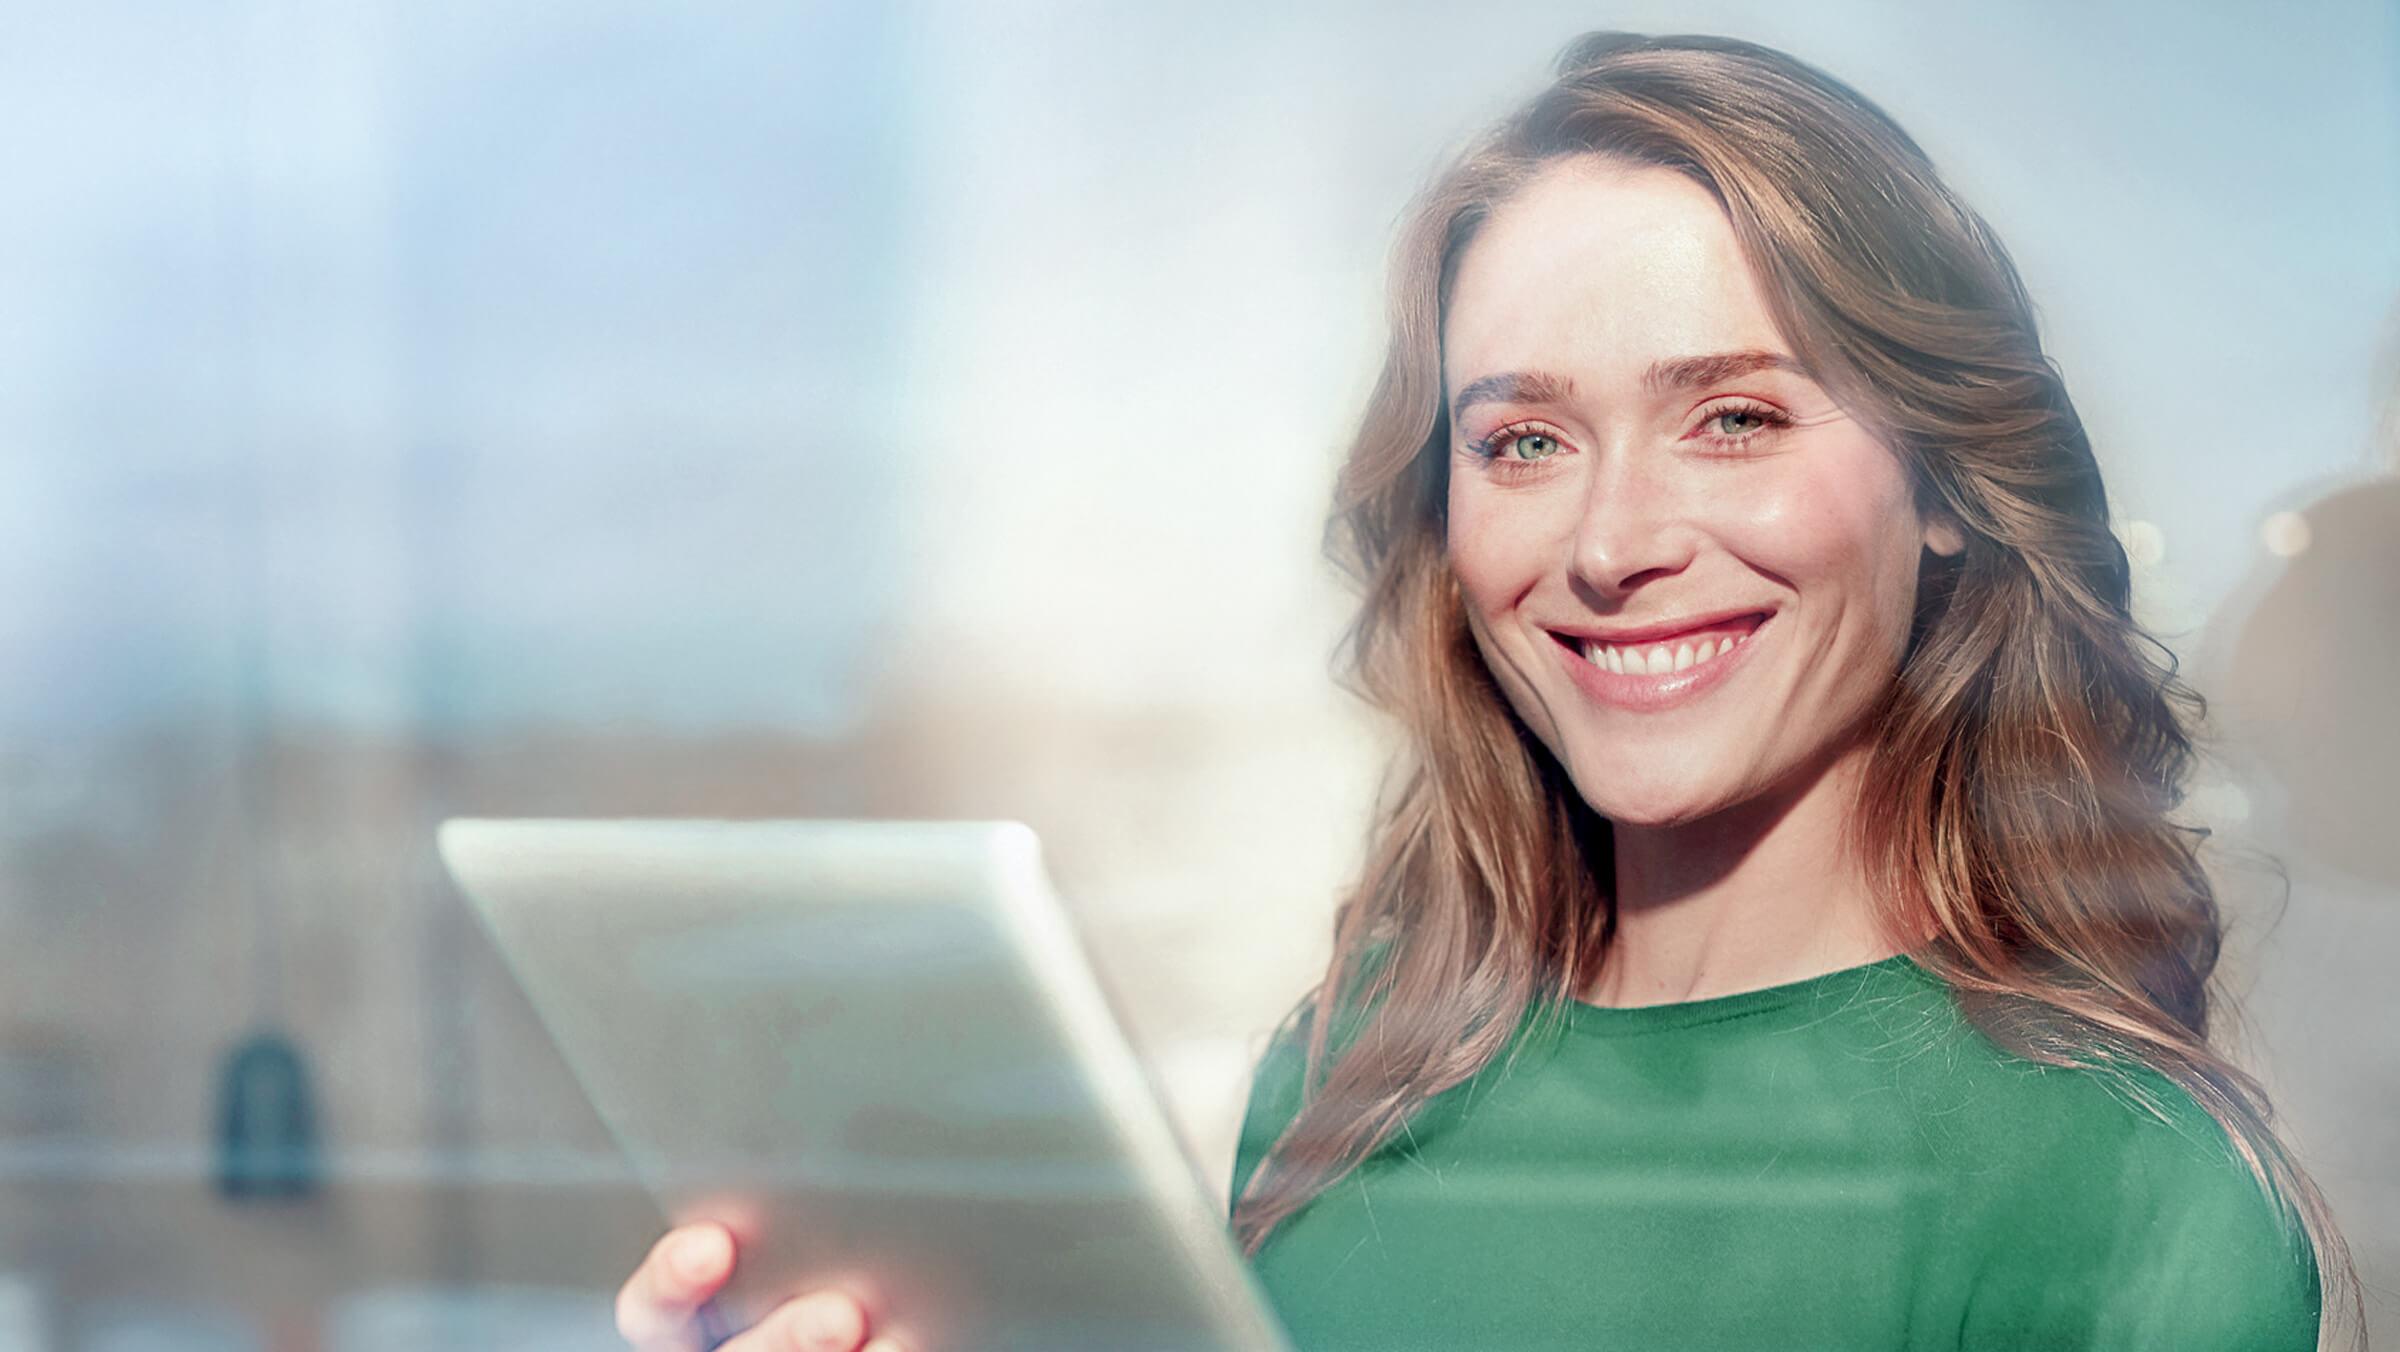 Spokojená klientka LYNX krátce poté, co si otevřela investiční účet